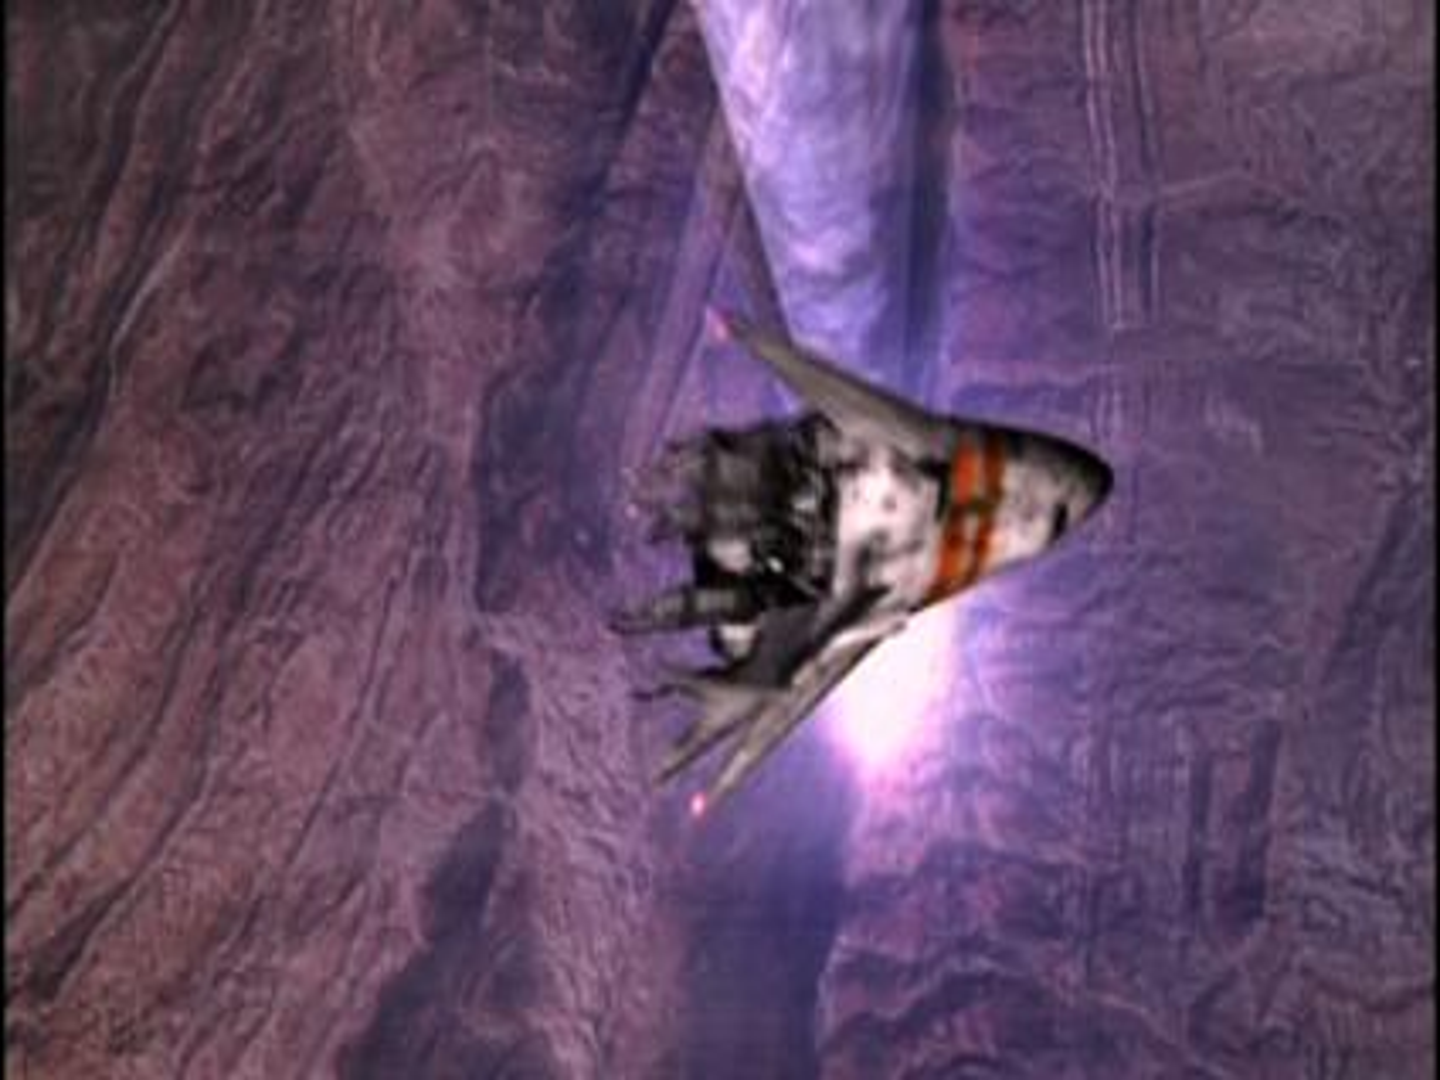 File:Shuttle 1.JPG